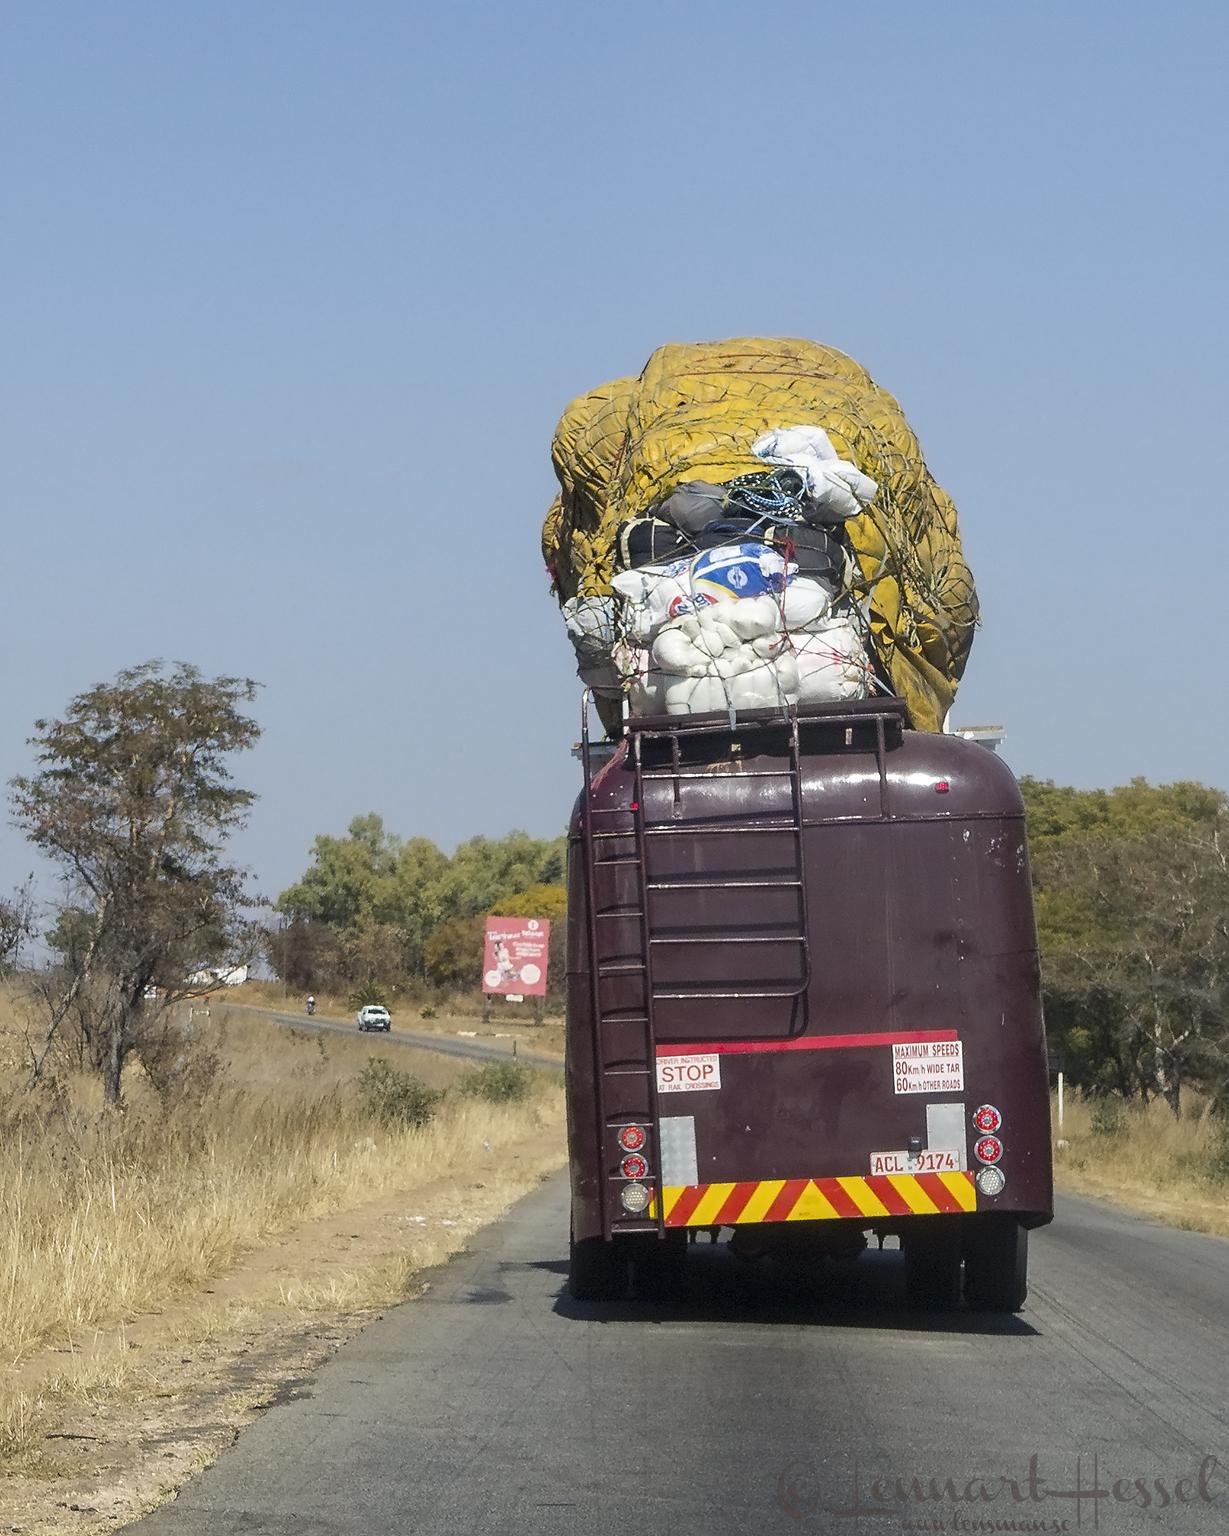 Bus in Zimbabwe